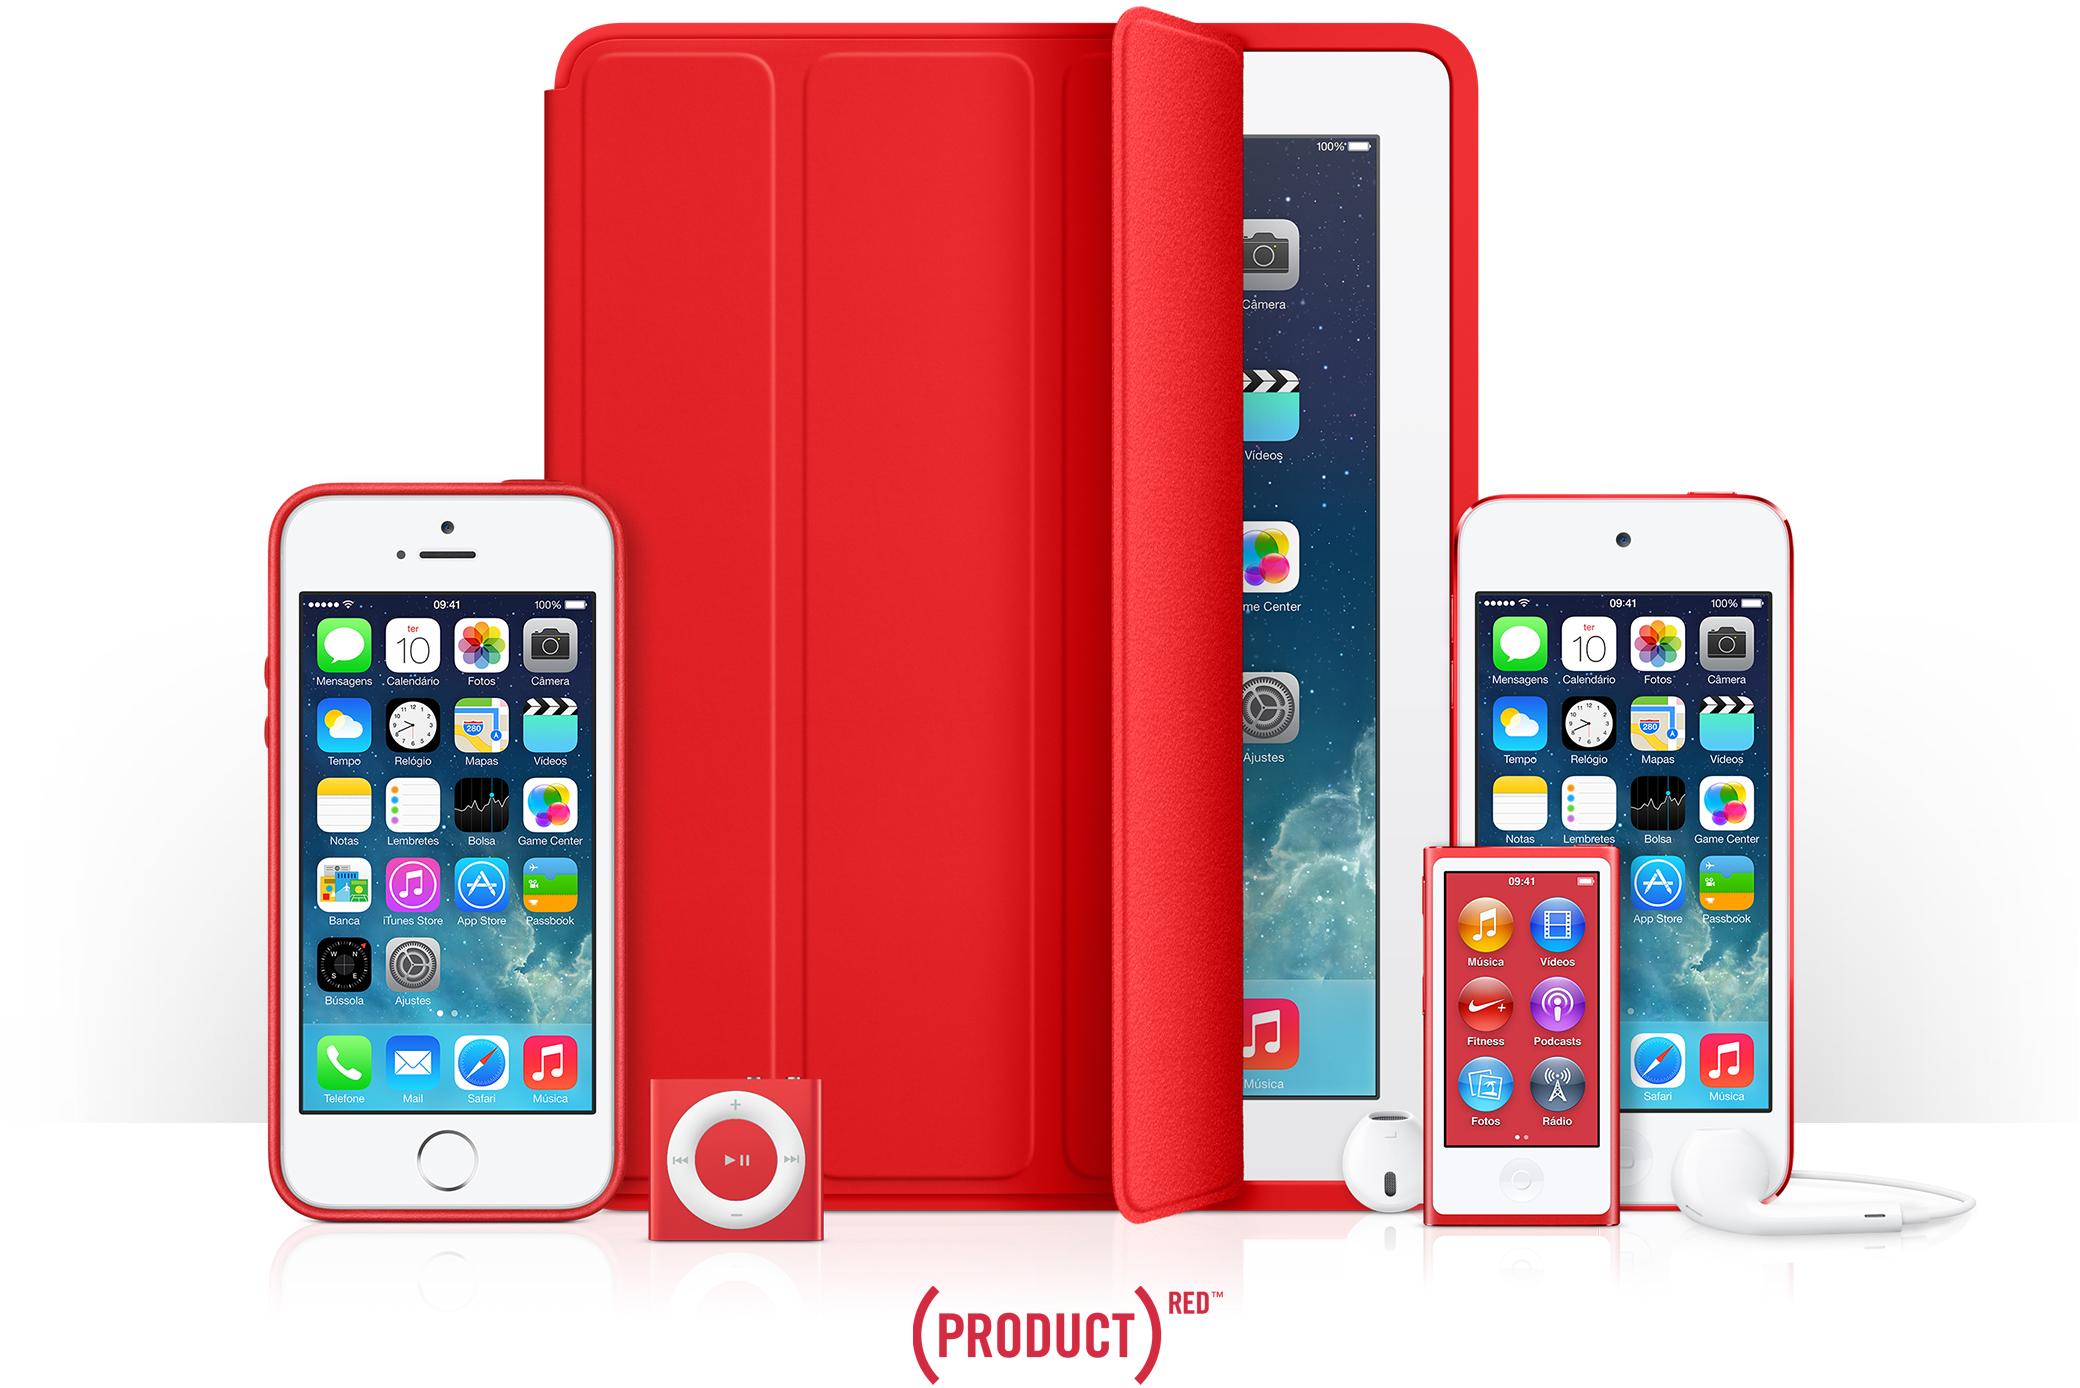 Produtos da Apple que participam do programa (RED)